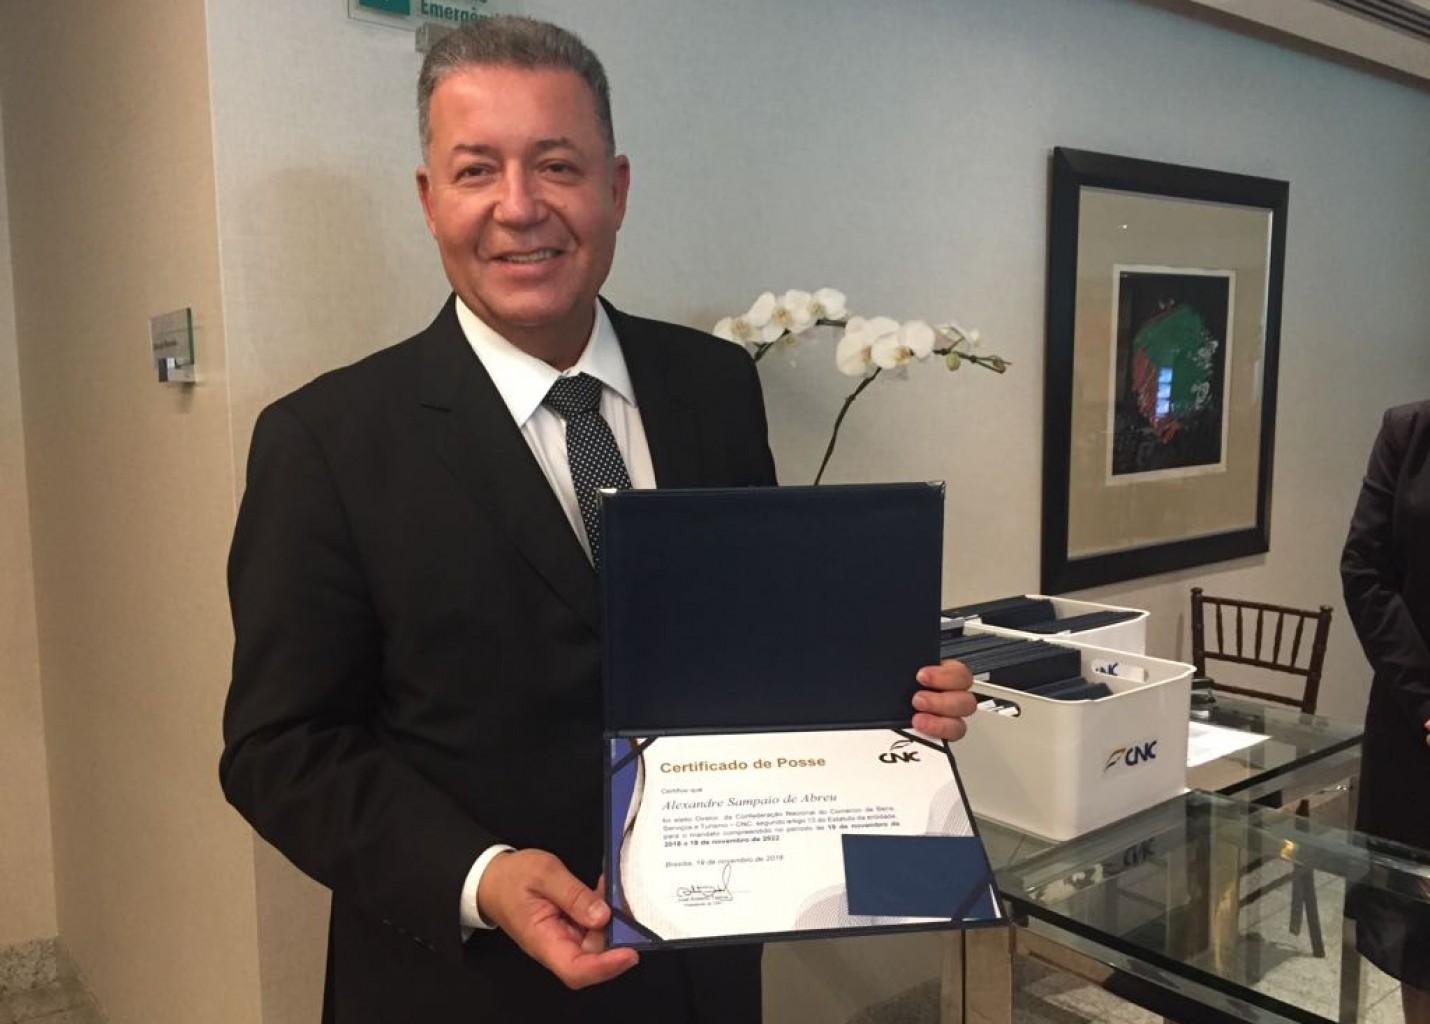 Alexandre Sampaio segue na presidência do Conselho de Turismo da CNC até 2022